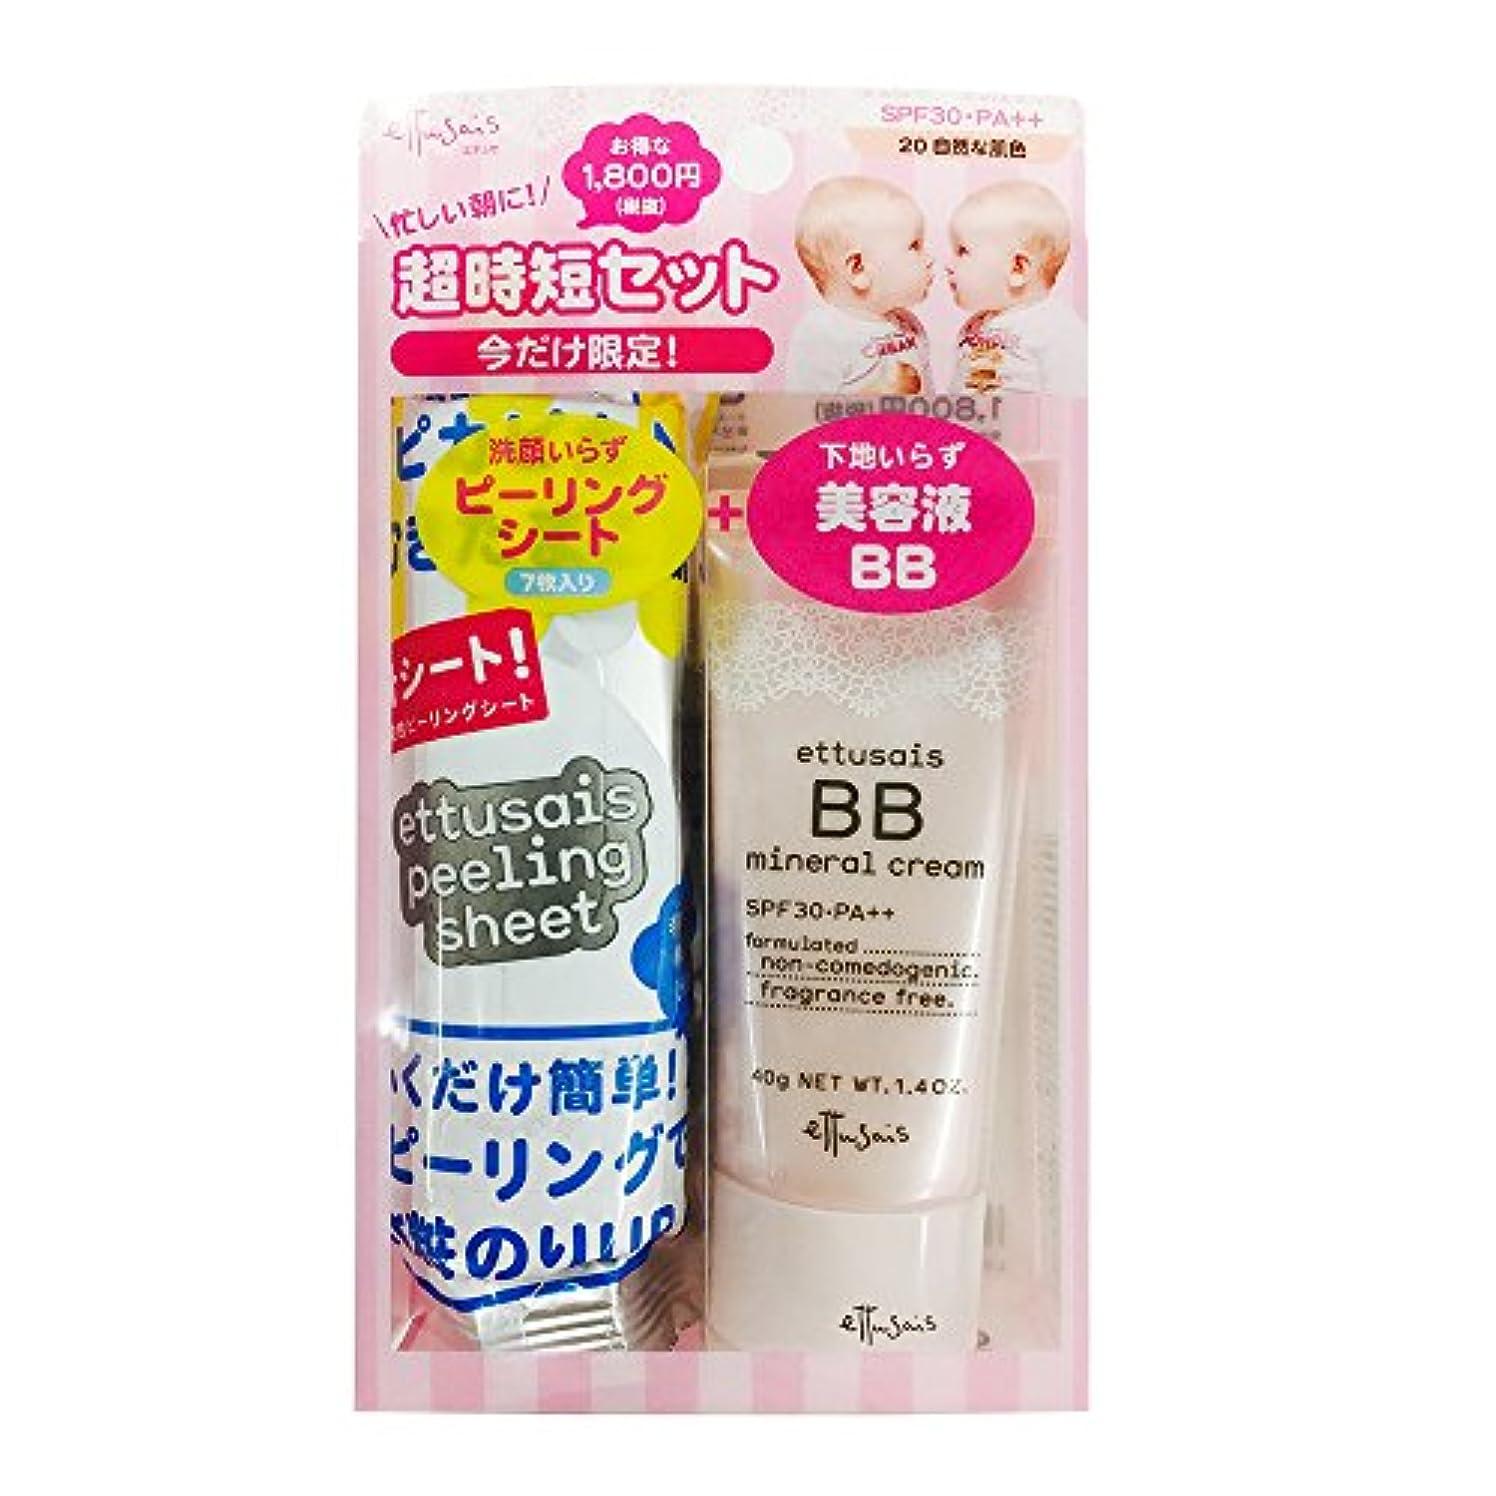 けがをする講義レベルエテュセ BBミネラルクリーム スペシャルケアセット 20 自然な肌色 (BBミネラルクリーム 40g +ピーリングシート 7枚)